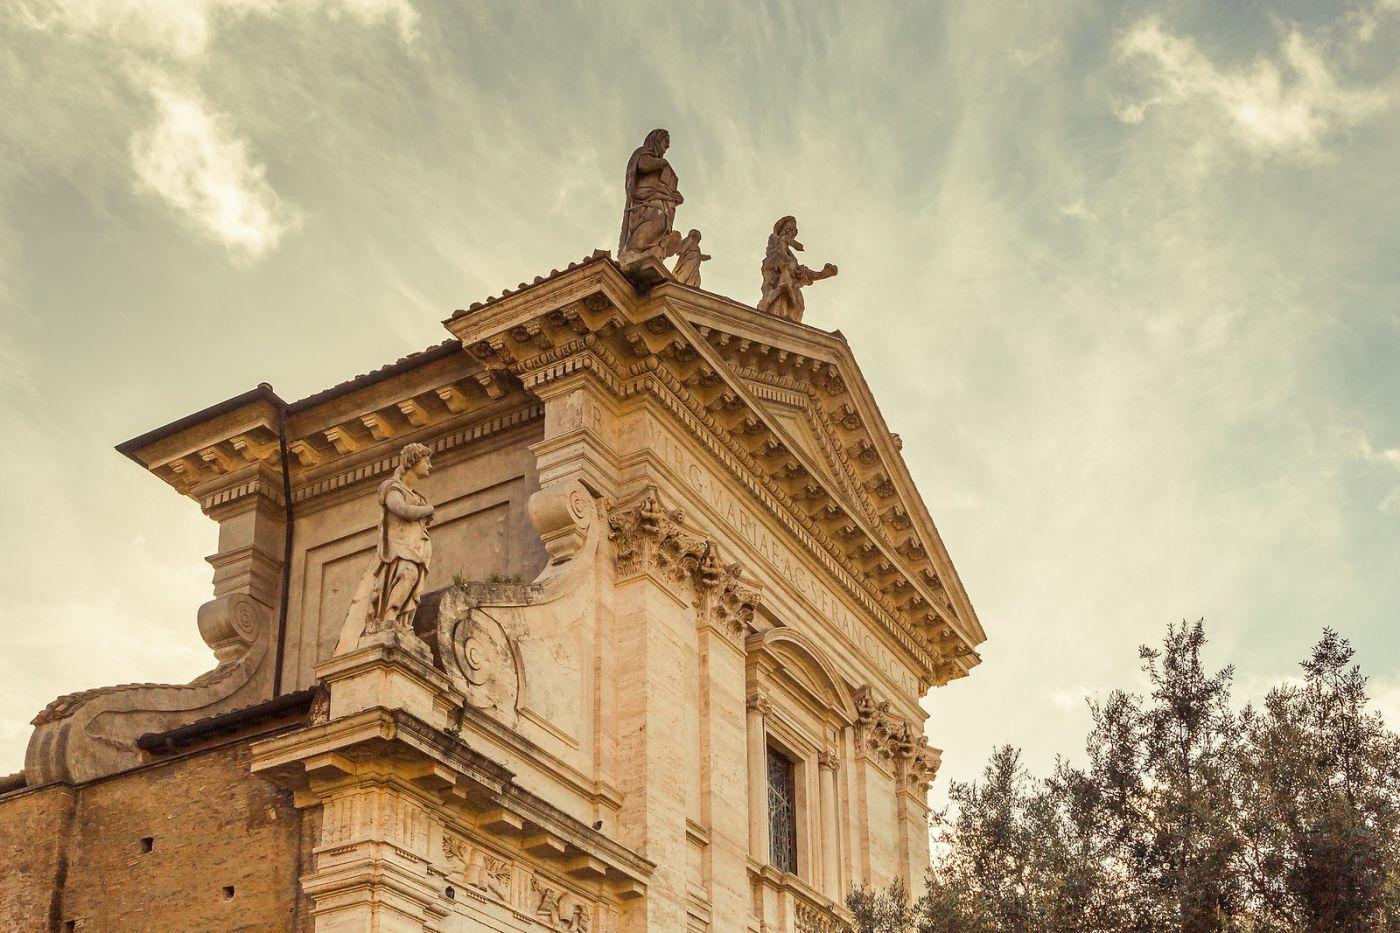 意大利罗马论坛,二千年的历史_图1-32